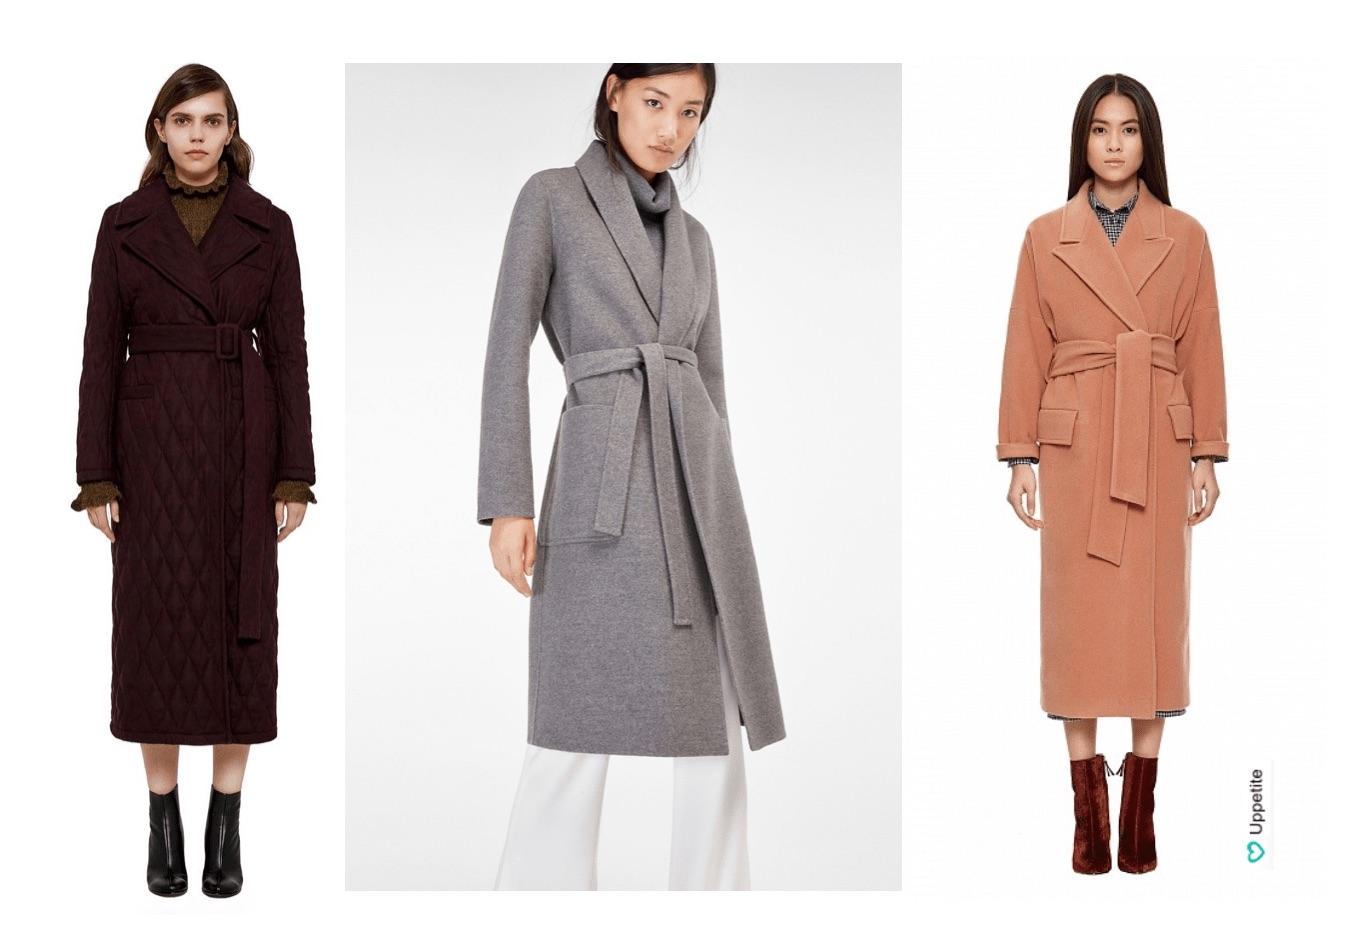 Модные женские пальто весна 2020, фото образов из новых коллекций